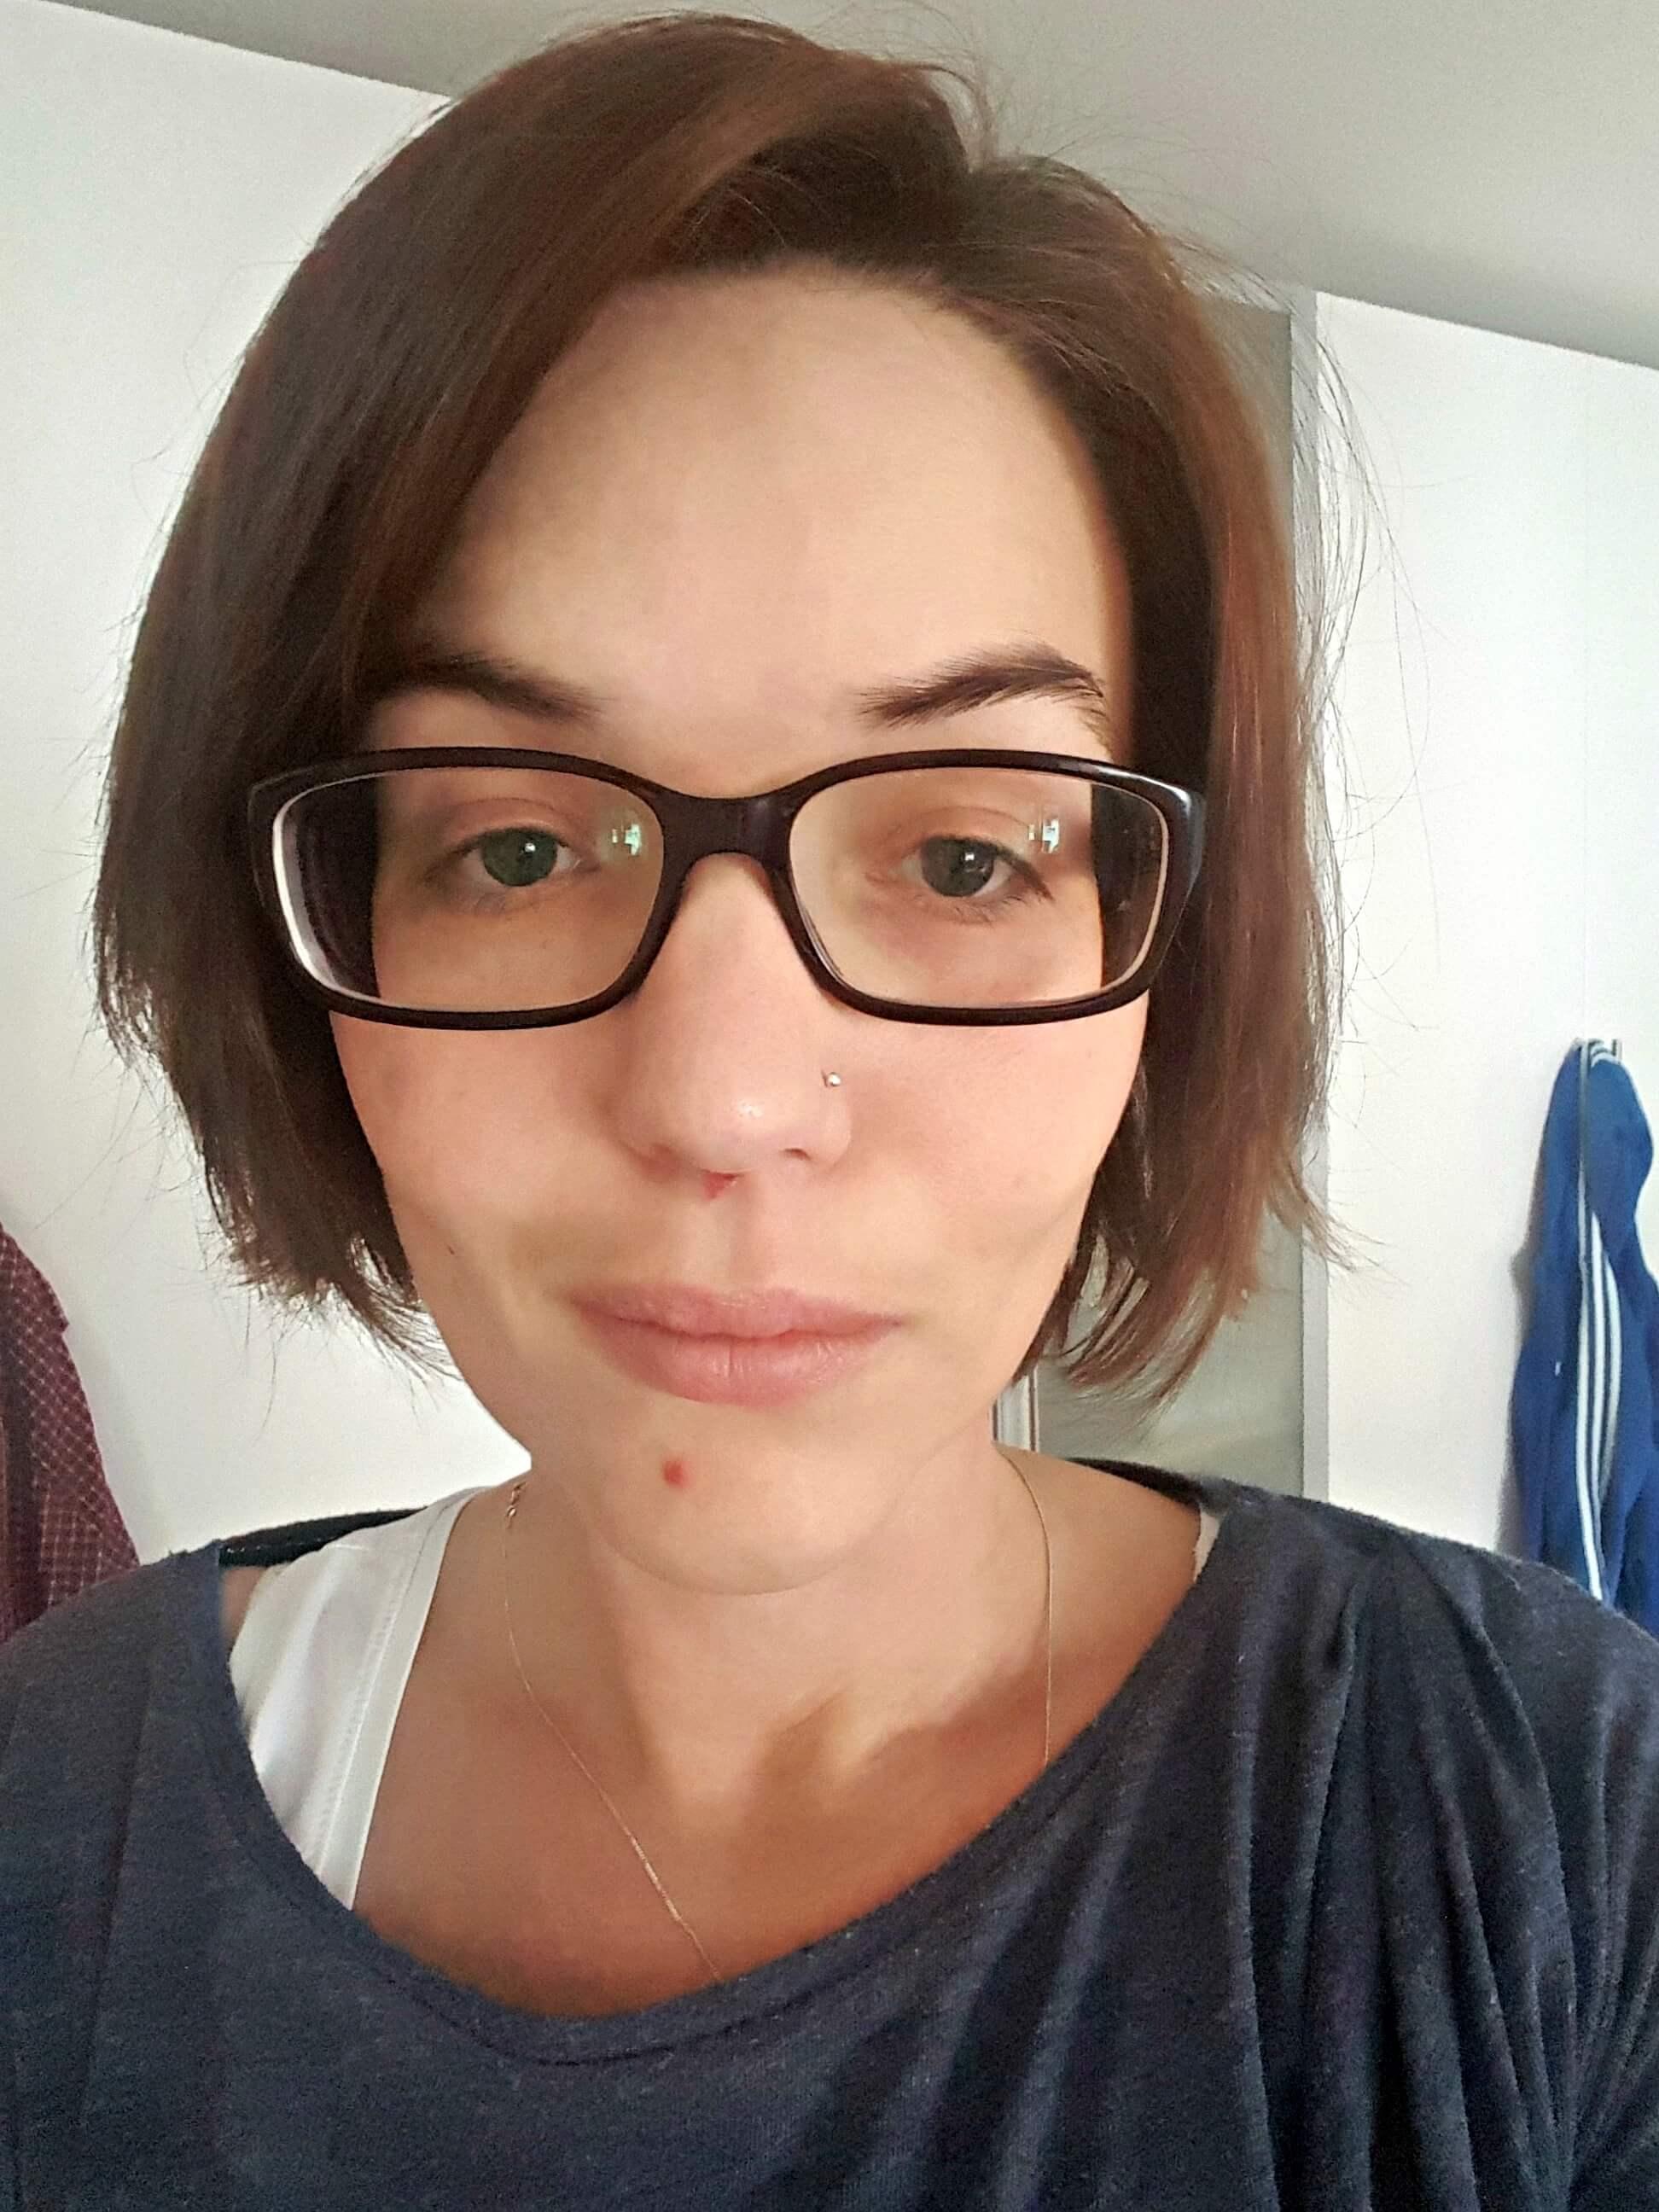 selfie-mit-lungenentzundung-2